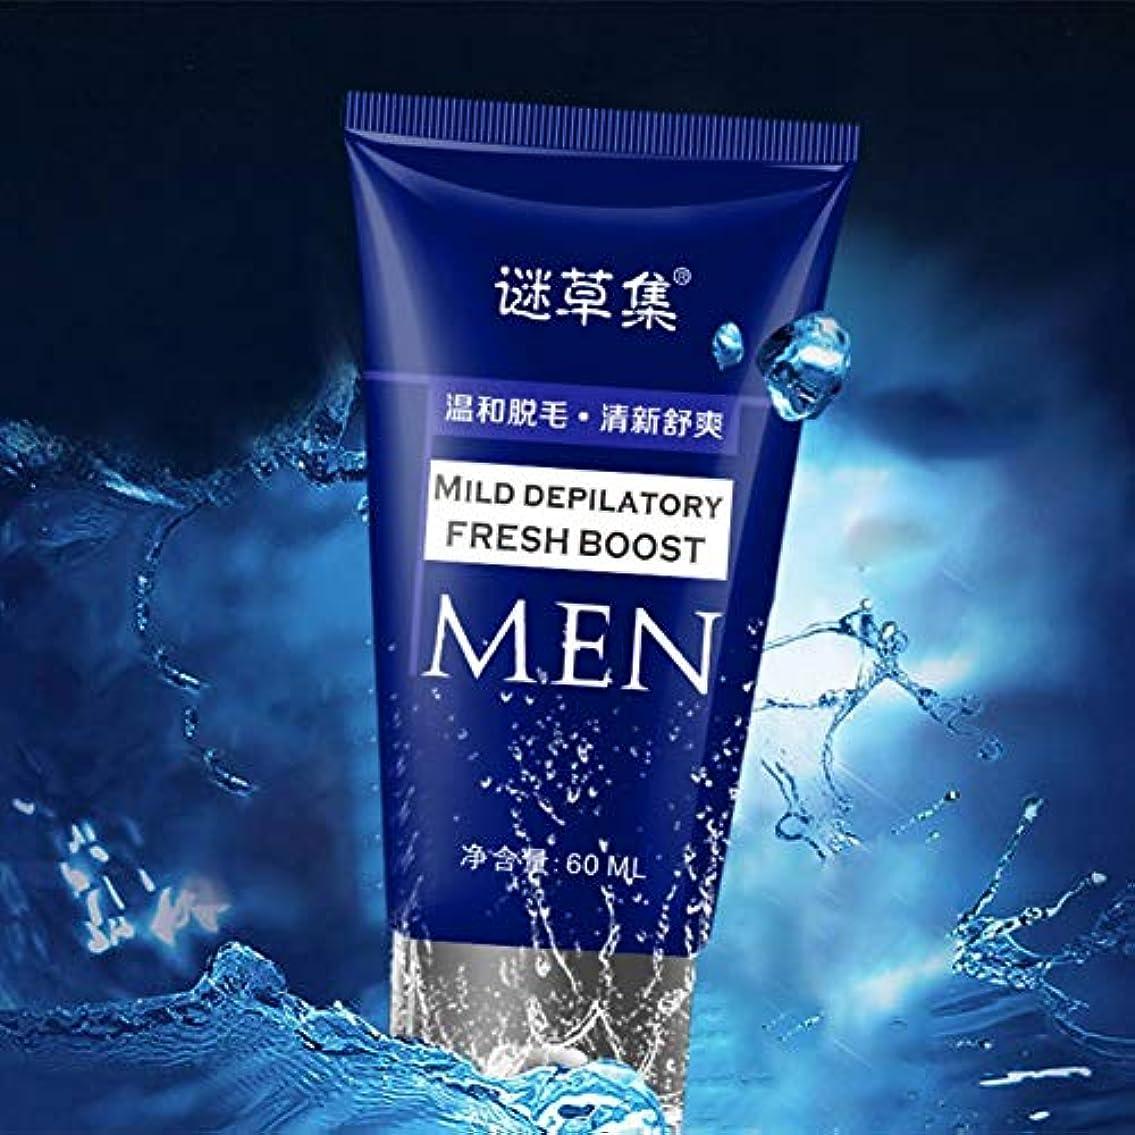 ピンポイントリビジョン漁師60ml 薬用除毛剤 除毛 脱毛クリーム 無痛無害 メンズ 敏感肌用 すべての肌タイプ 使用可能